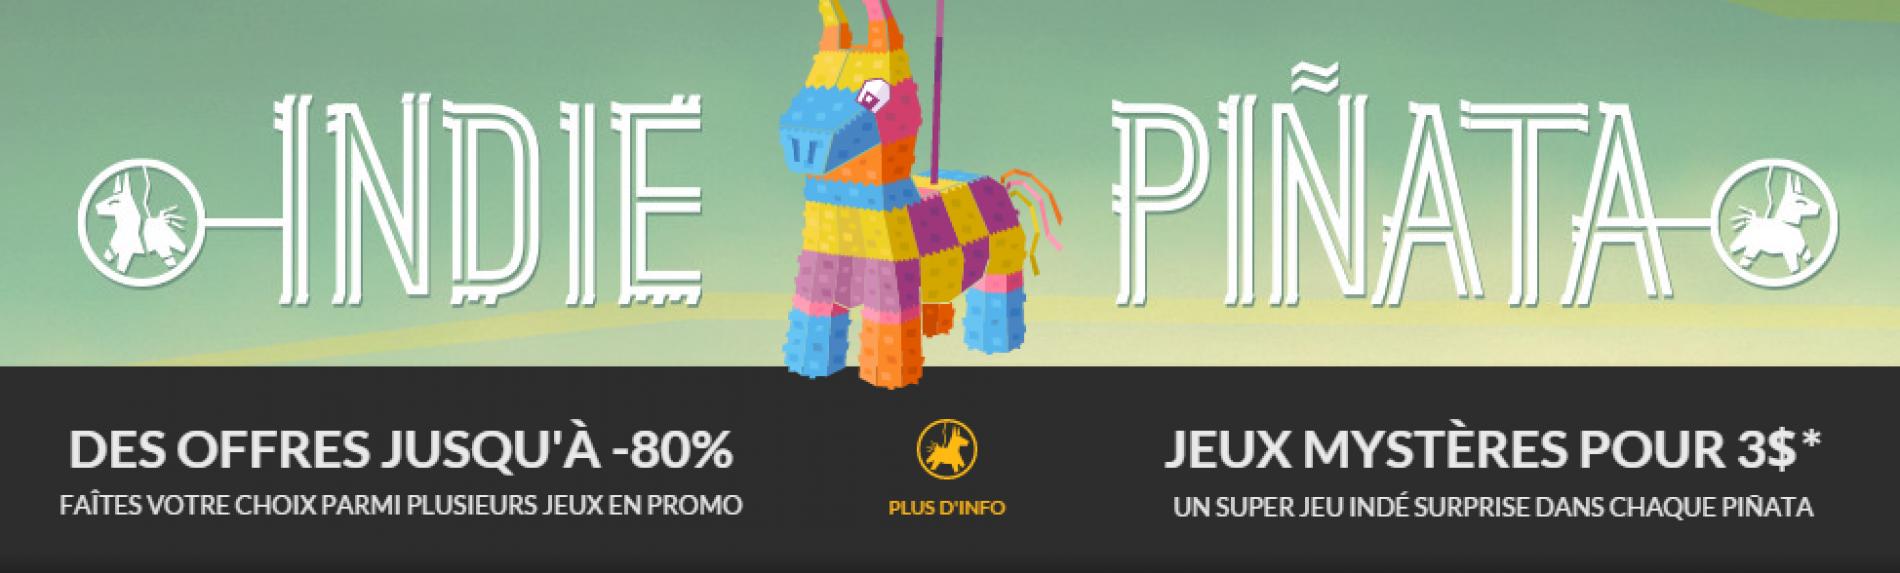 GOG.COM Viva Indie Pinata ! (Publi-Communiqué)